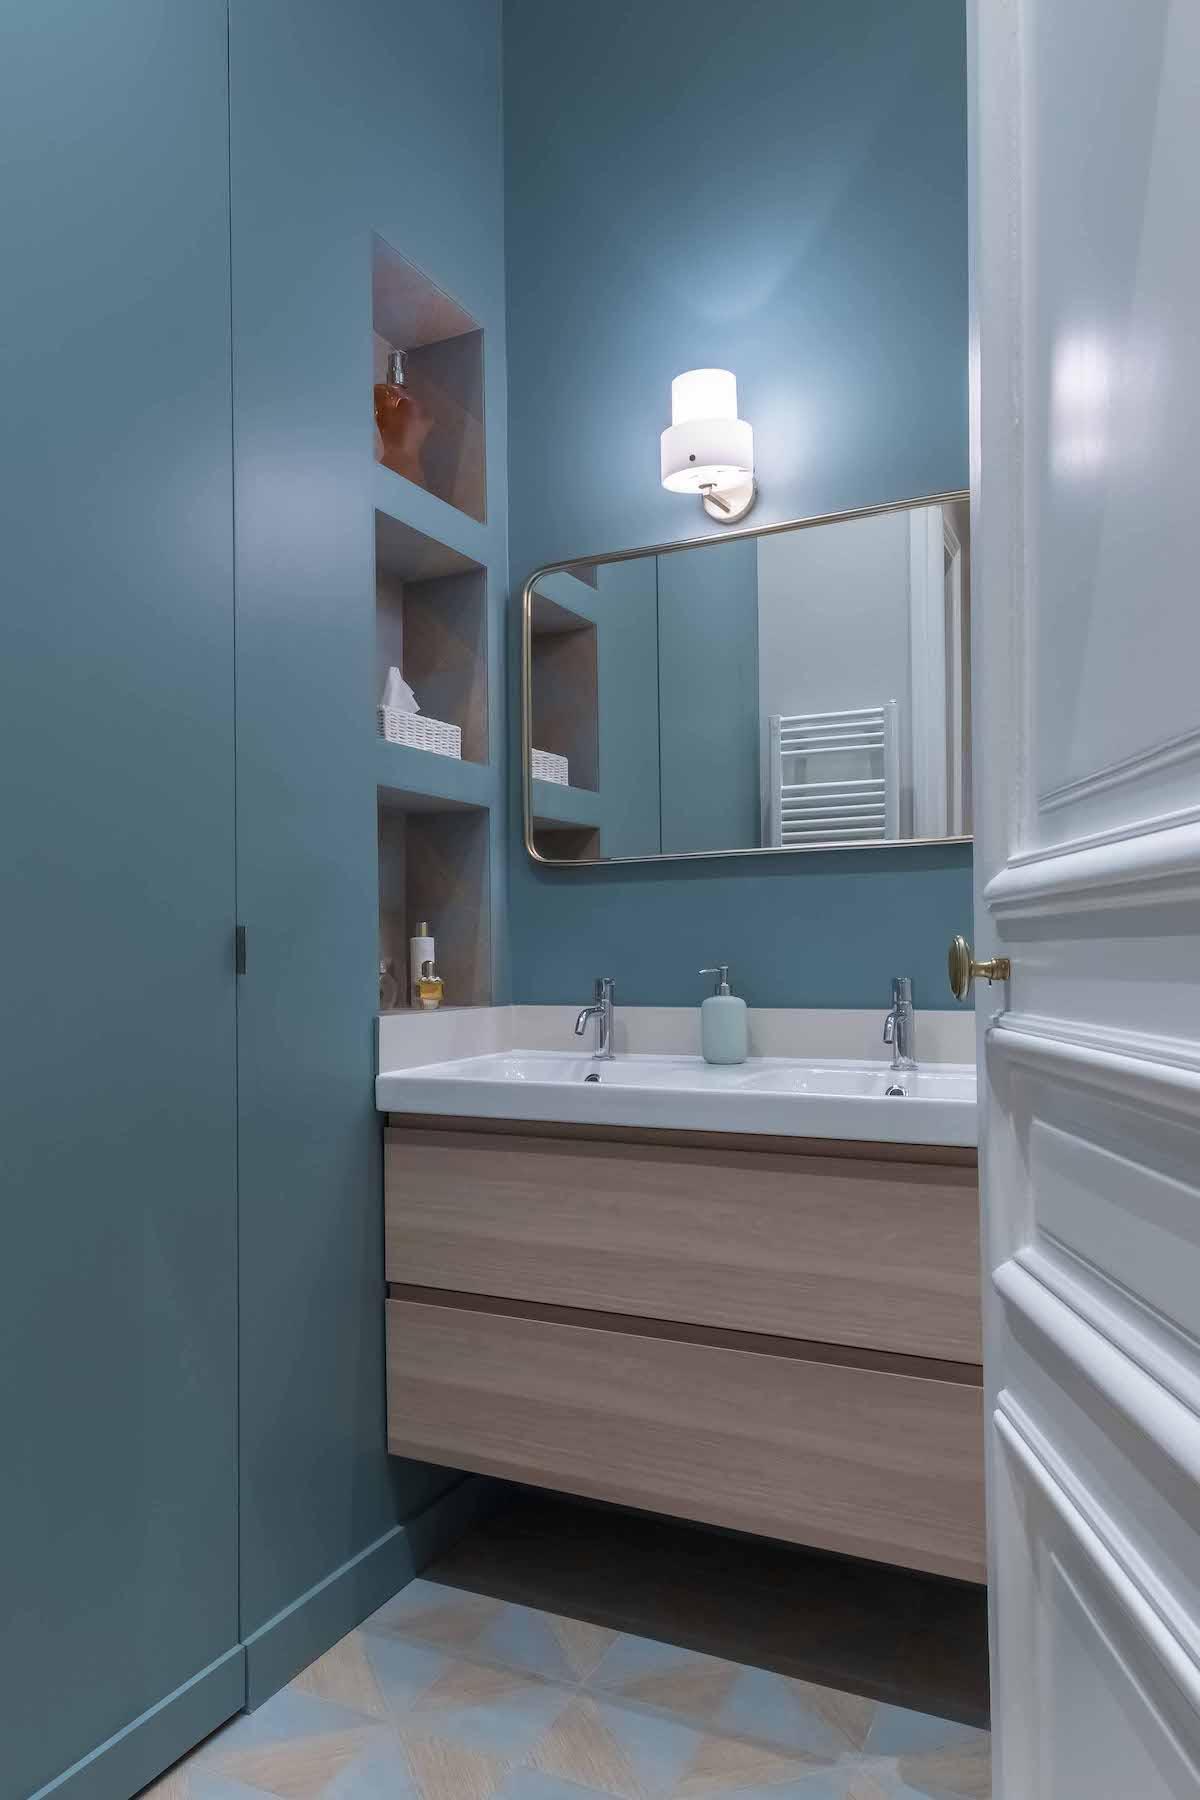 loft haussmannien salle de bain enfant bleu bois sol carrelage géométrique - blog déco - clem around the corner